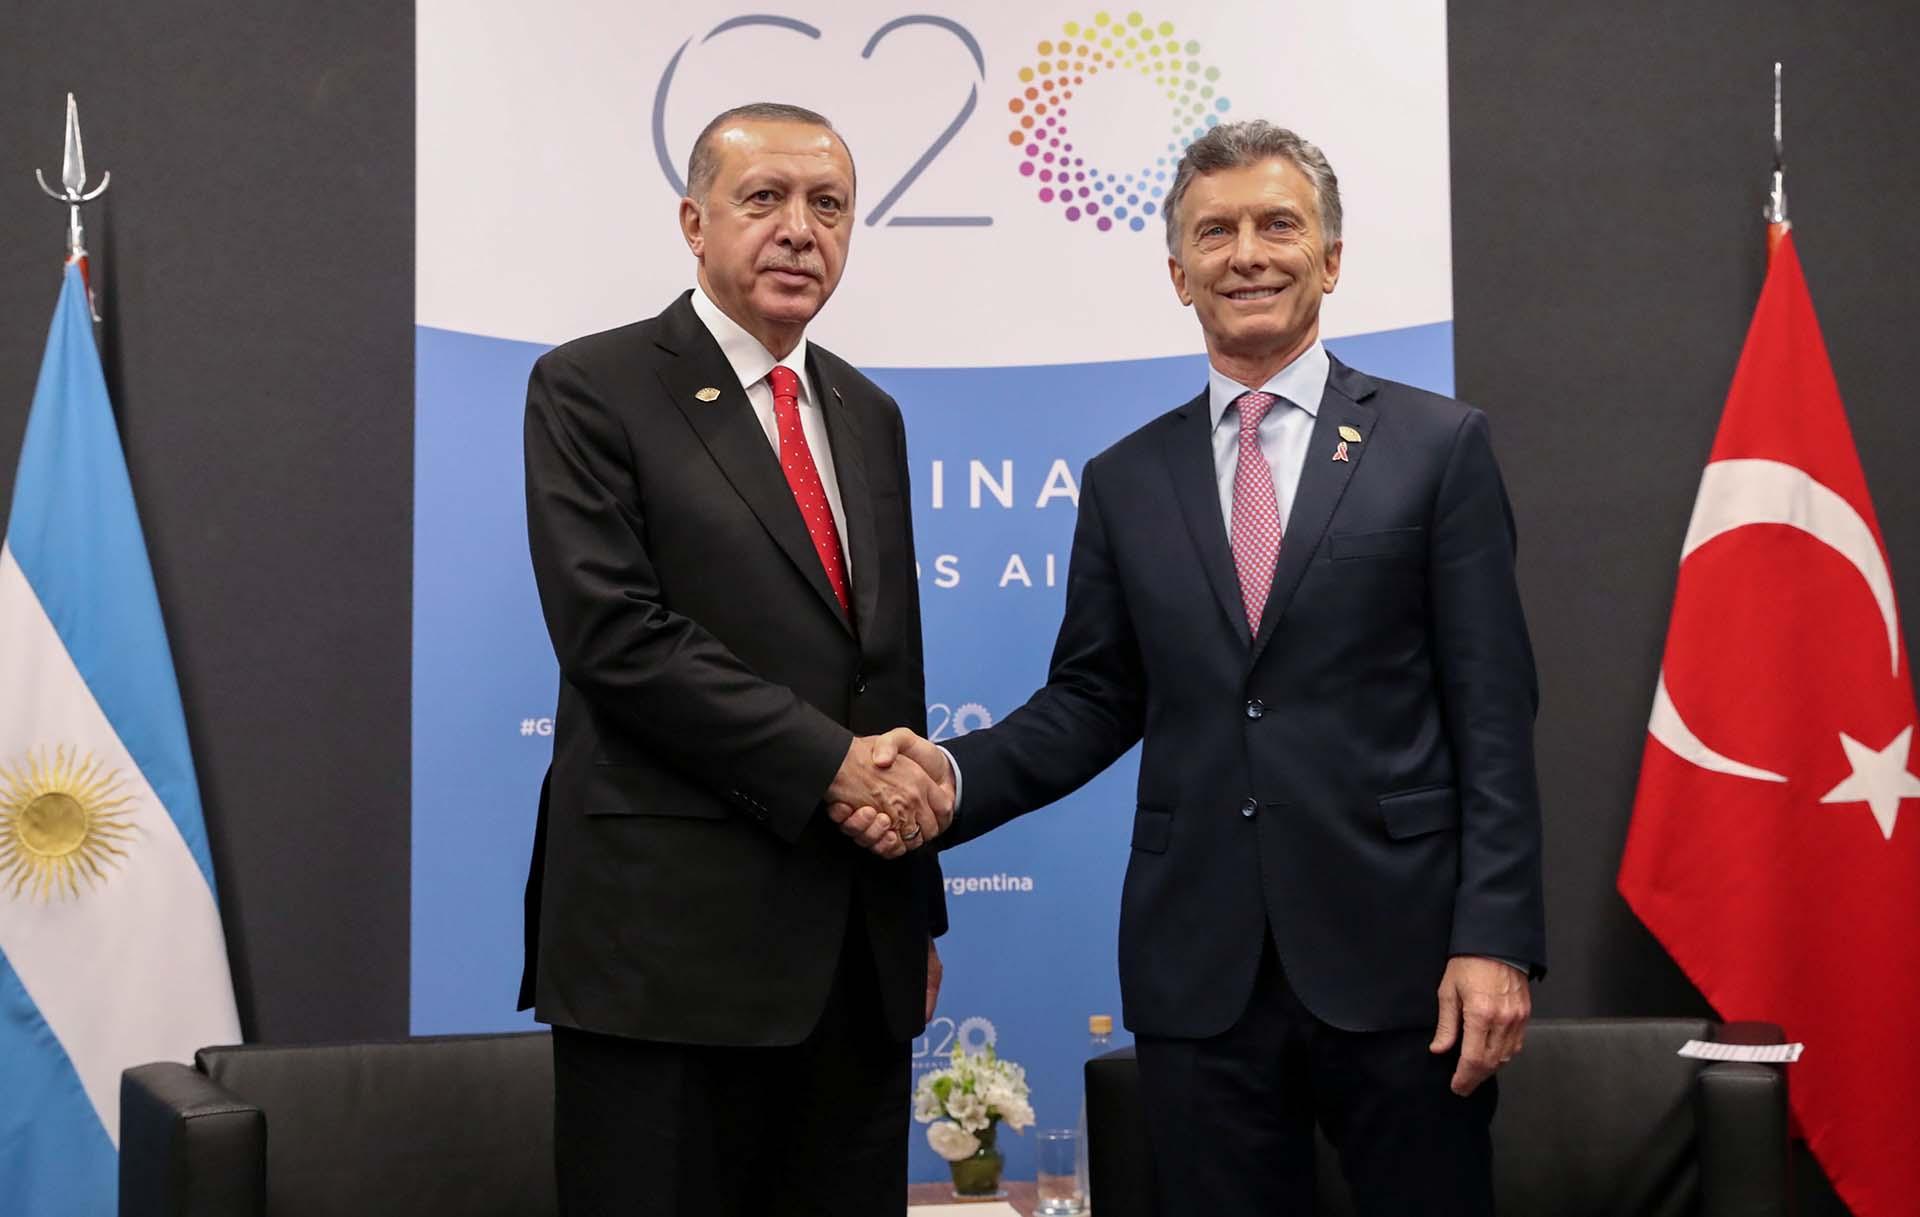 Recep Tayyip Erdogany Mauricio Macrituvieron una reunión bilateral